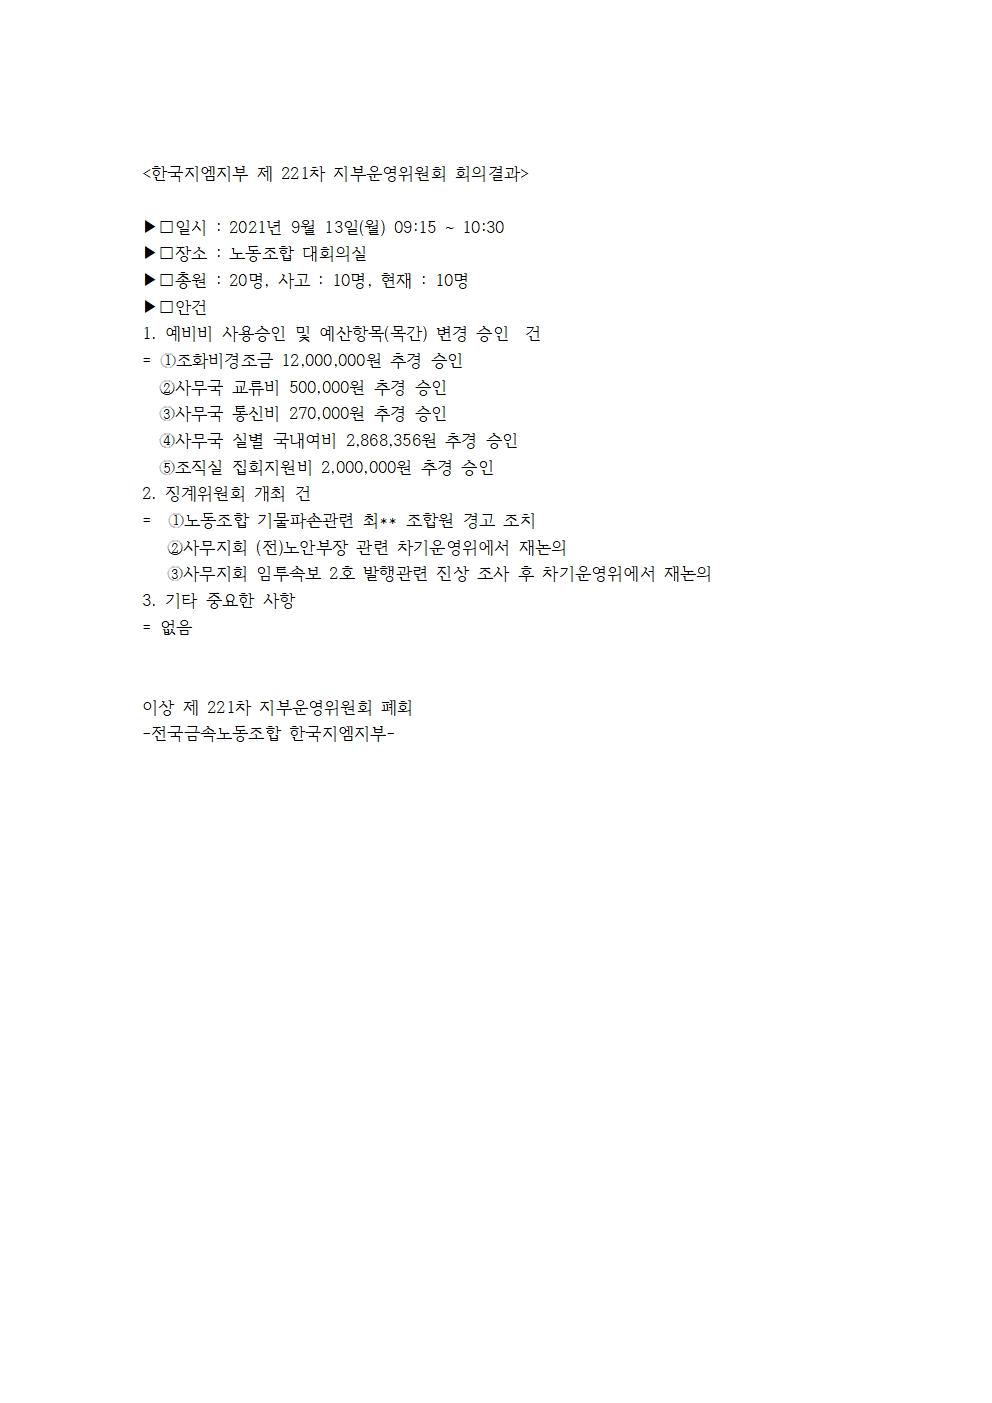 한국지엠지부 제 221차 지부운영위원회 회의결과001.jpg